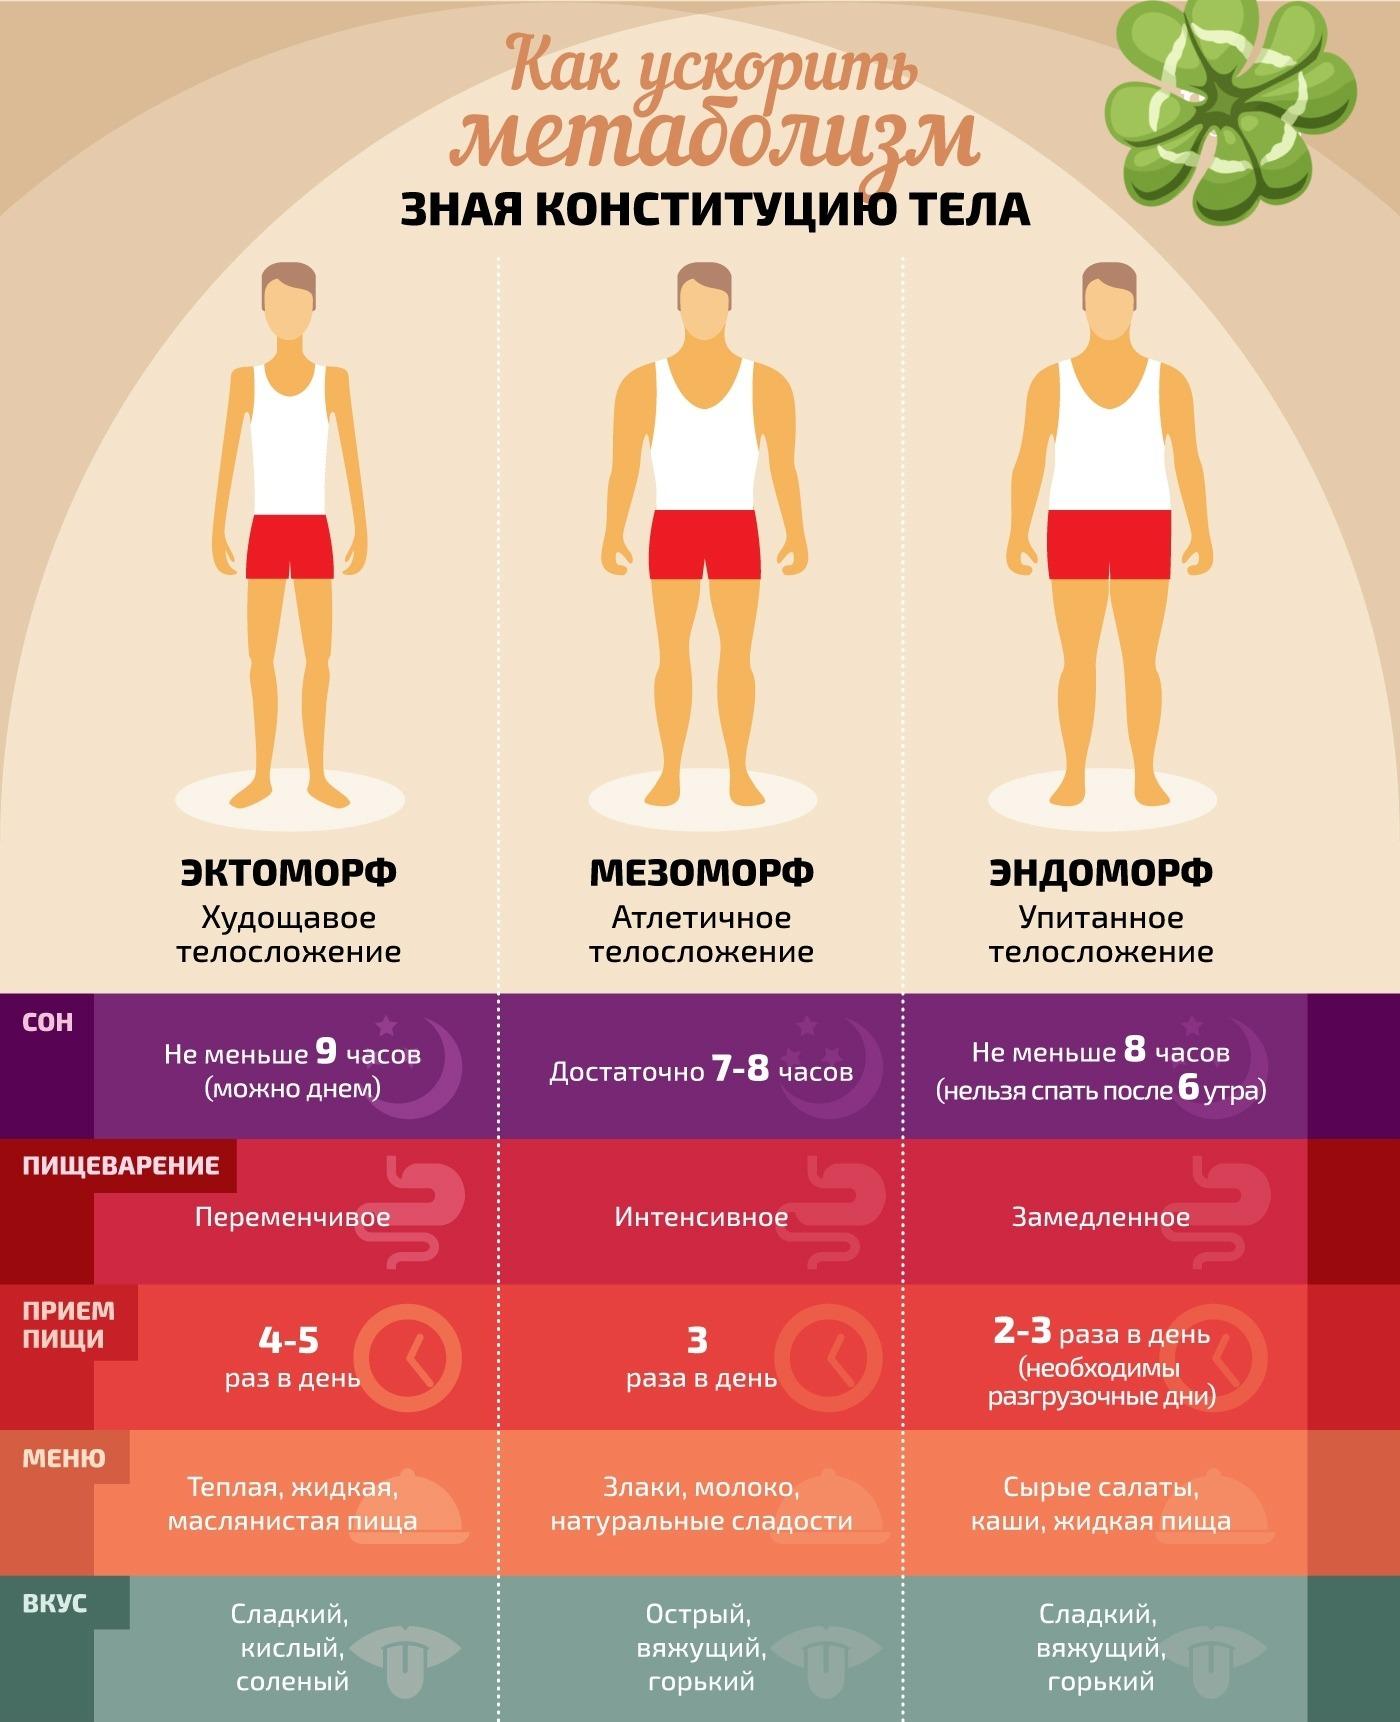 Как ускорить метаболизм для похудения меню